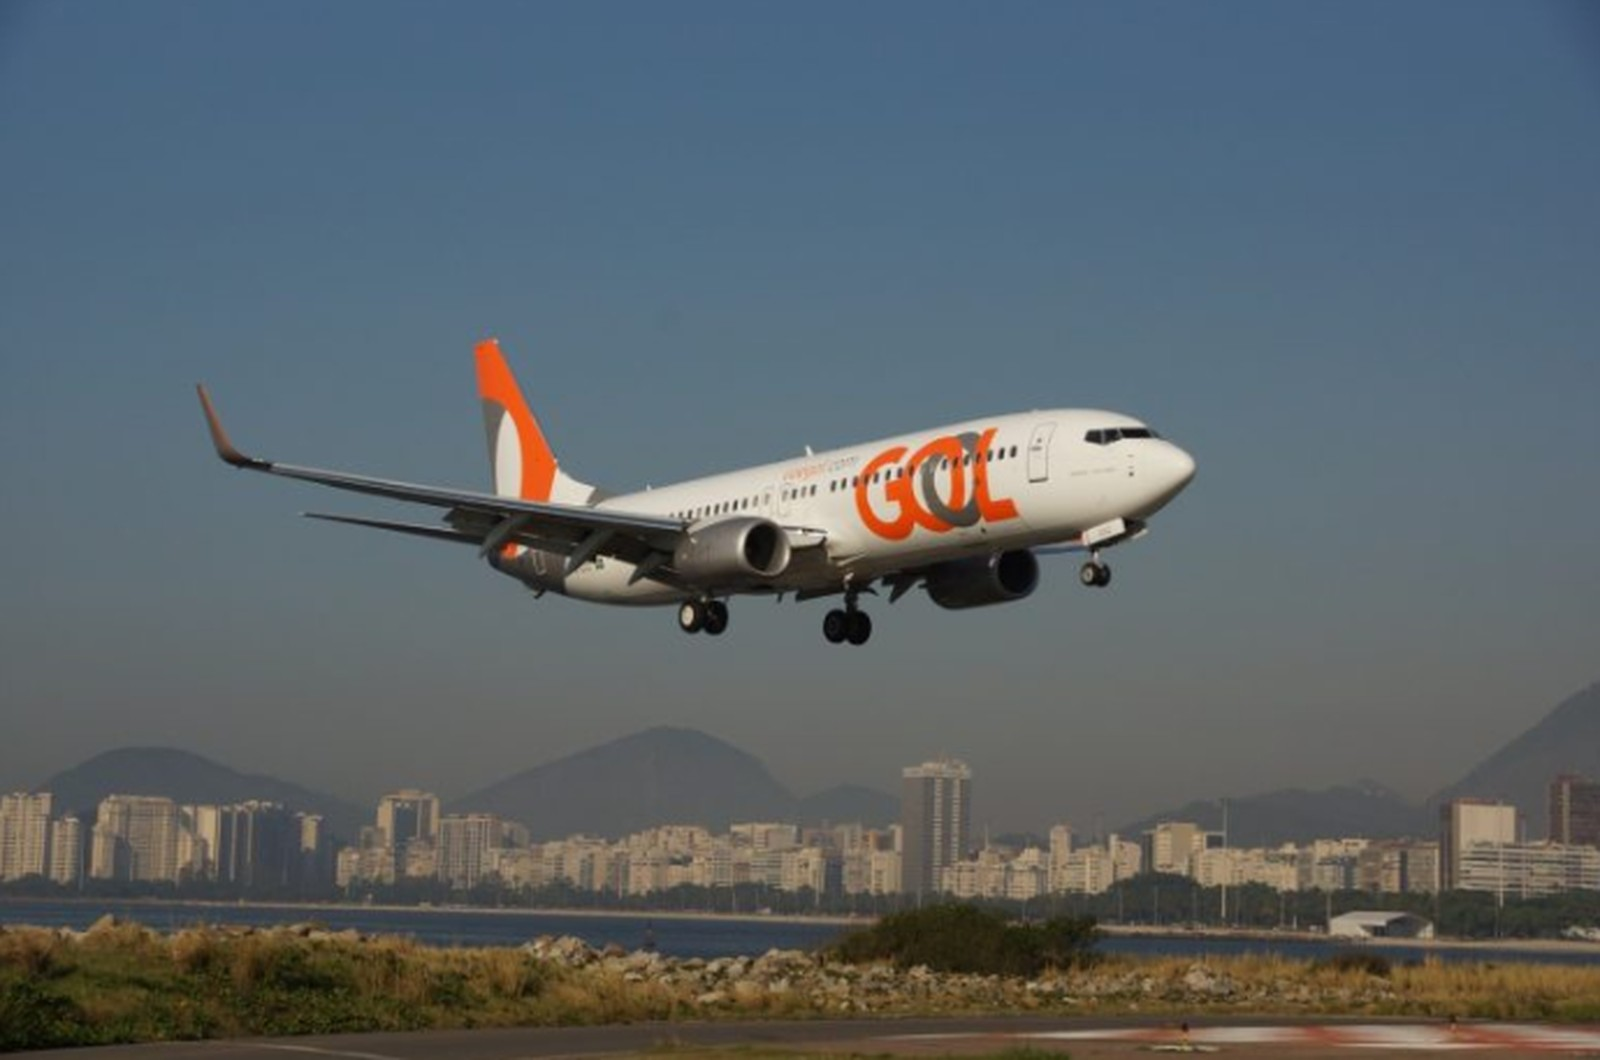 Gol anuncia voos extras para o Pará durante período do Círio de Nazaré